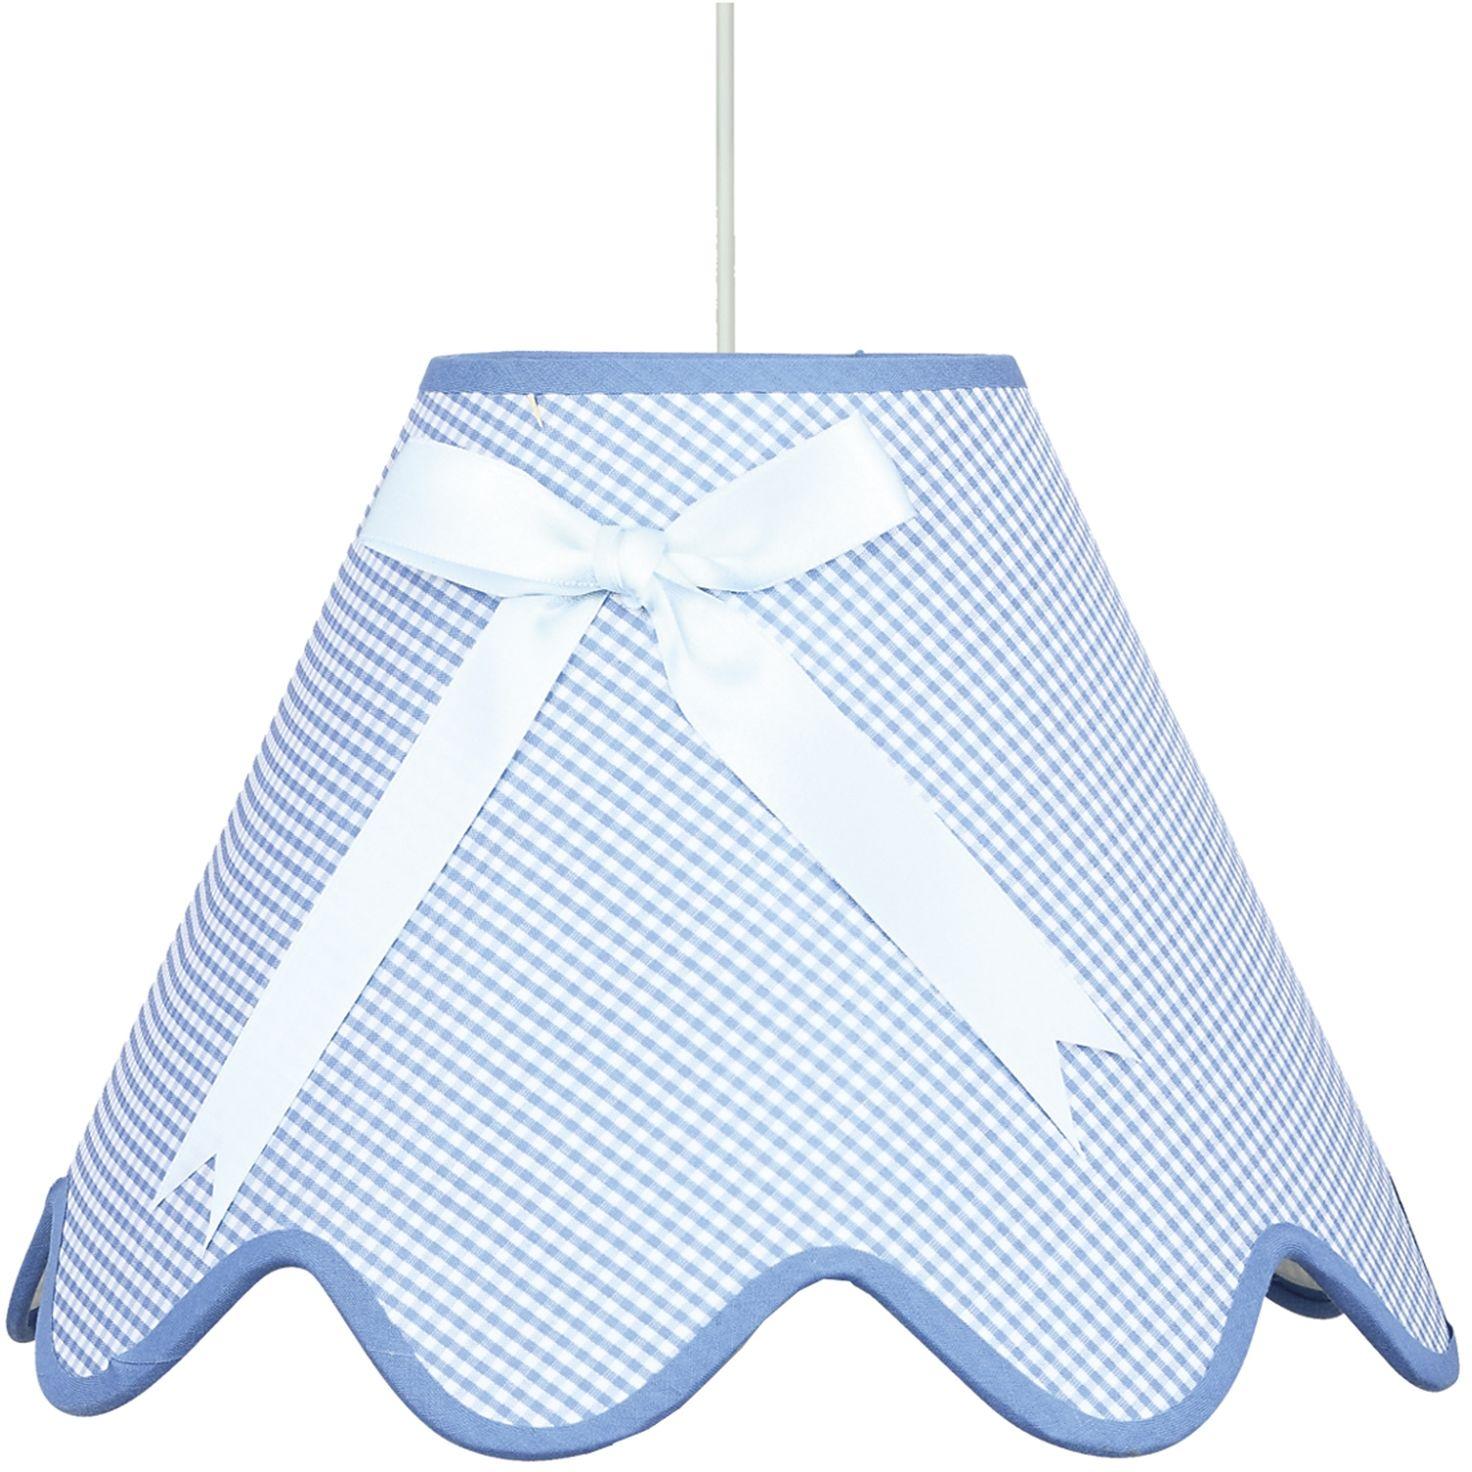 Candellux LOLA 31-04666 lampa wisząca abażur z kokardą niebieski 1X60W E27 40 cm